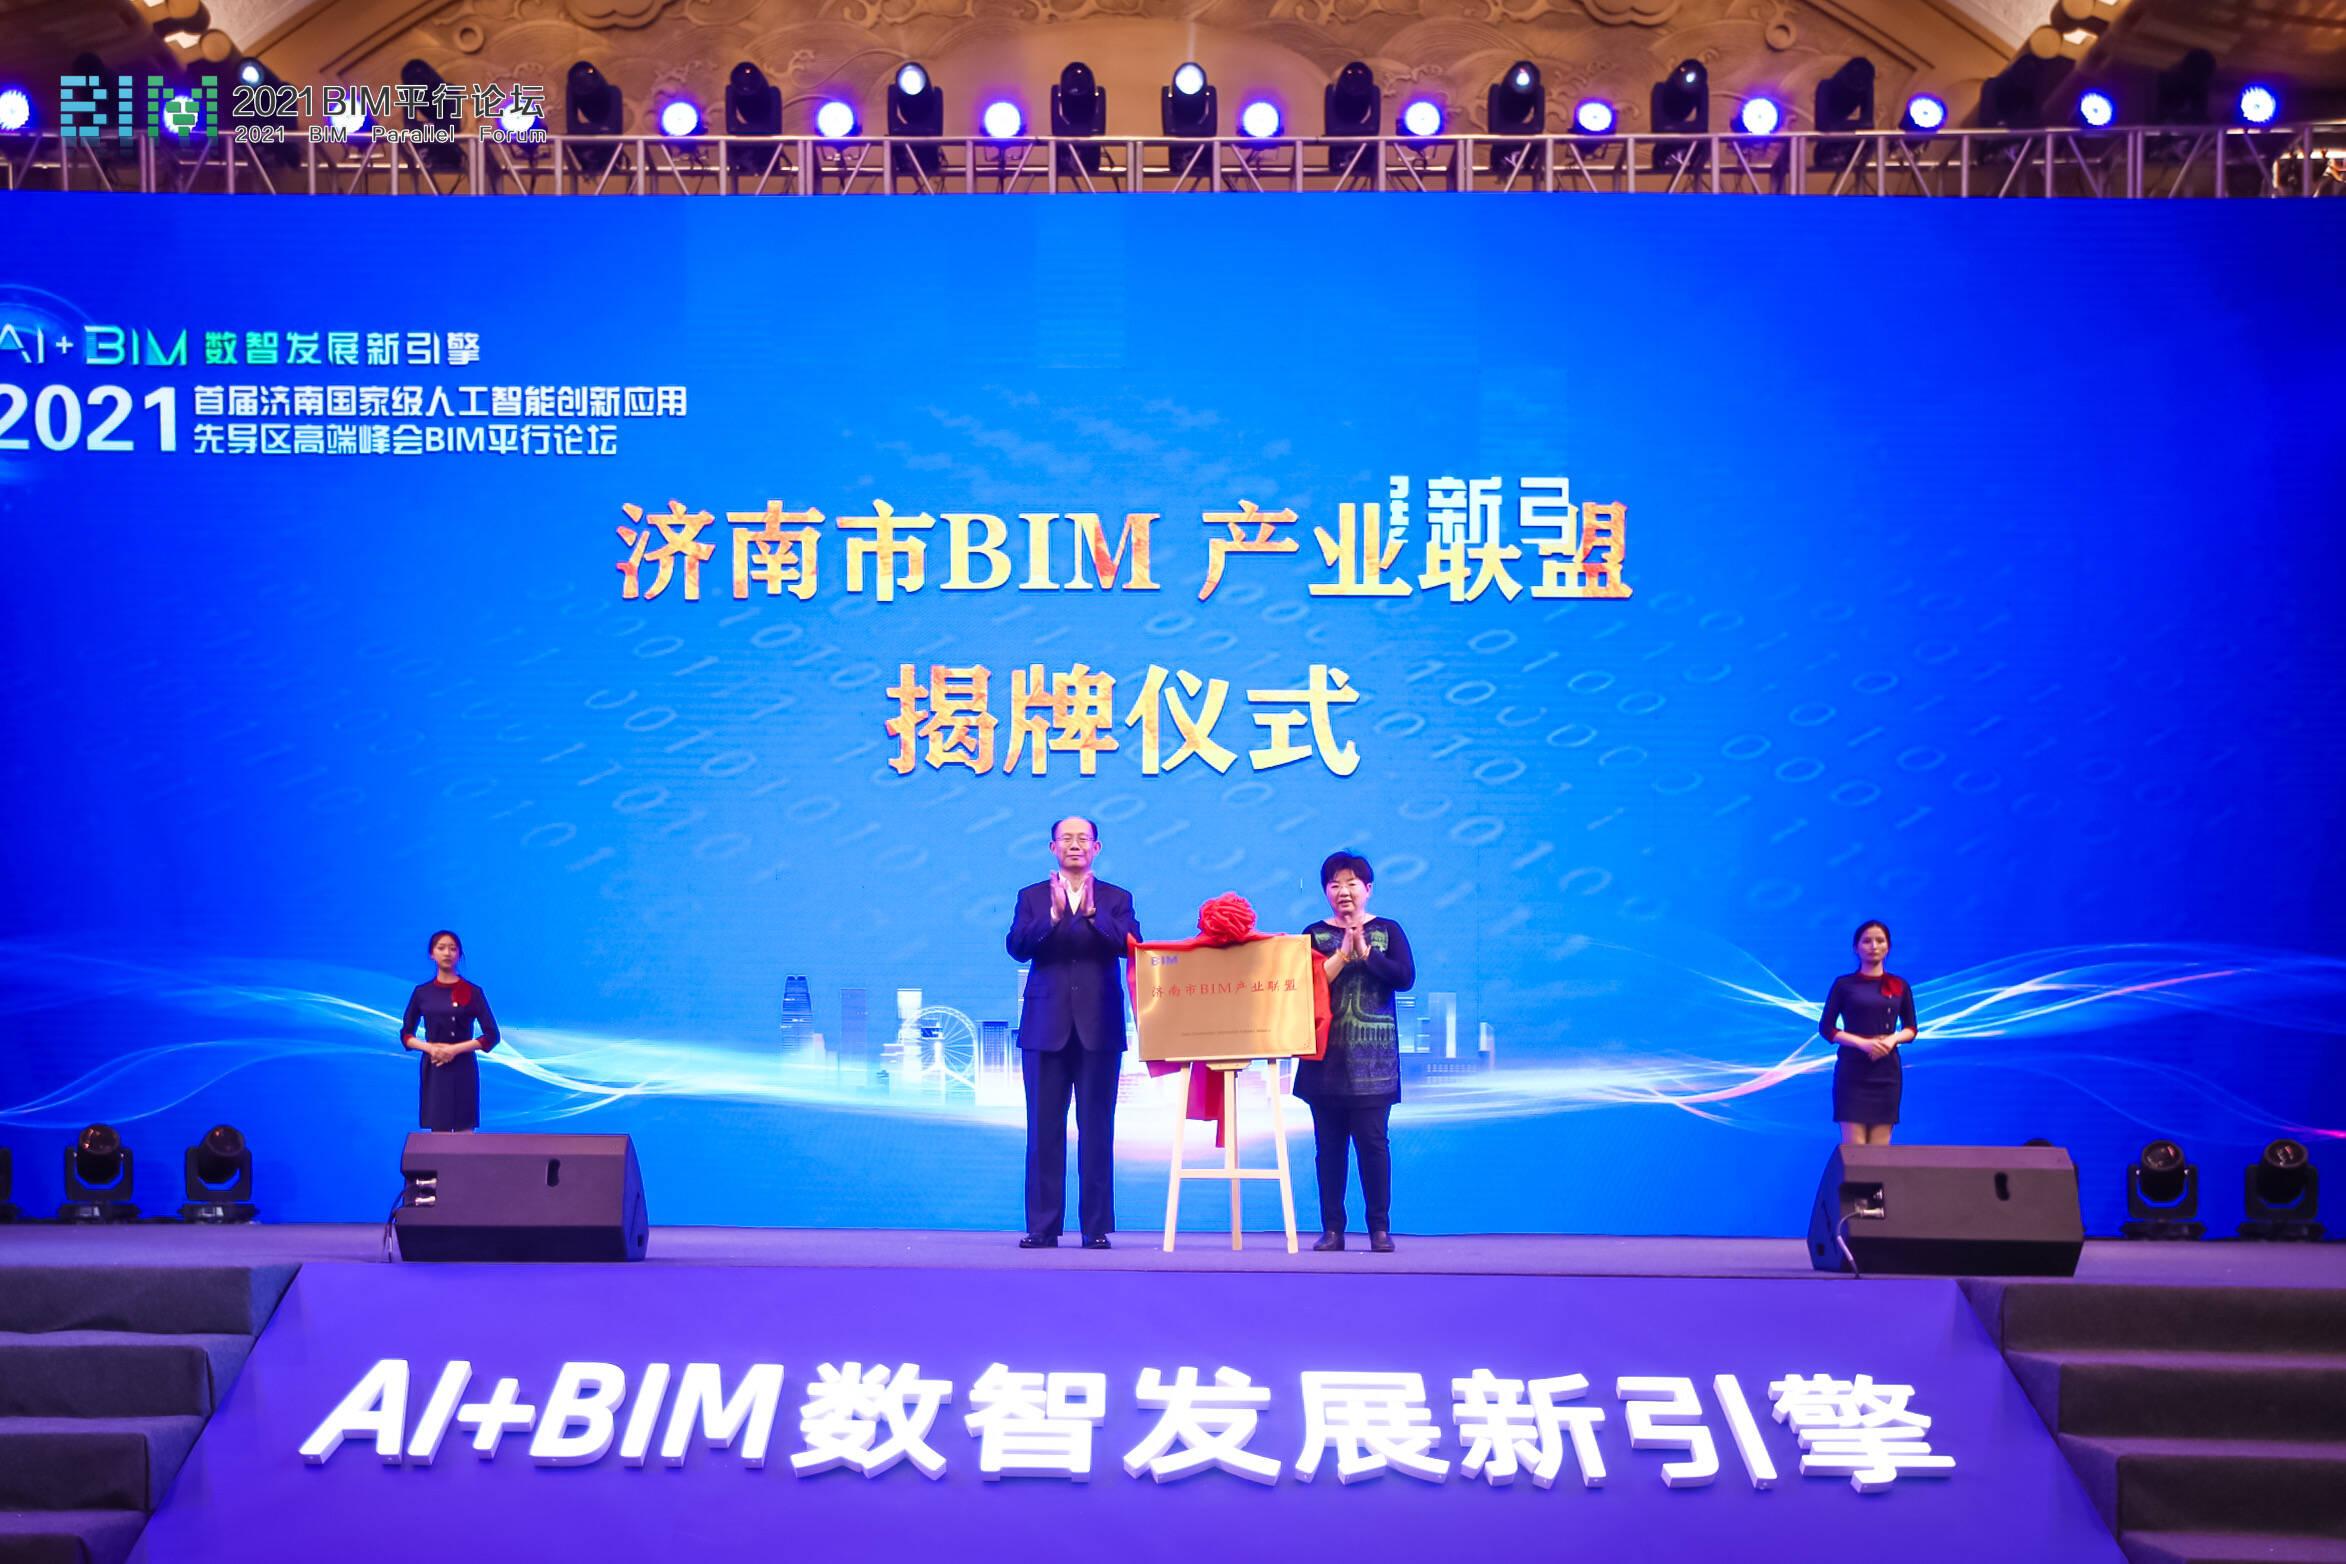 """""""五个一""""再创济南数字孪生新模式 !""""AI+BIM数智发展新引擎""""主题论坛在济南举行"""